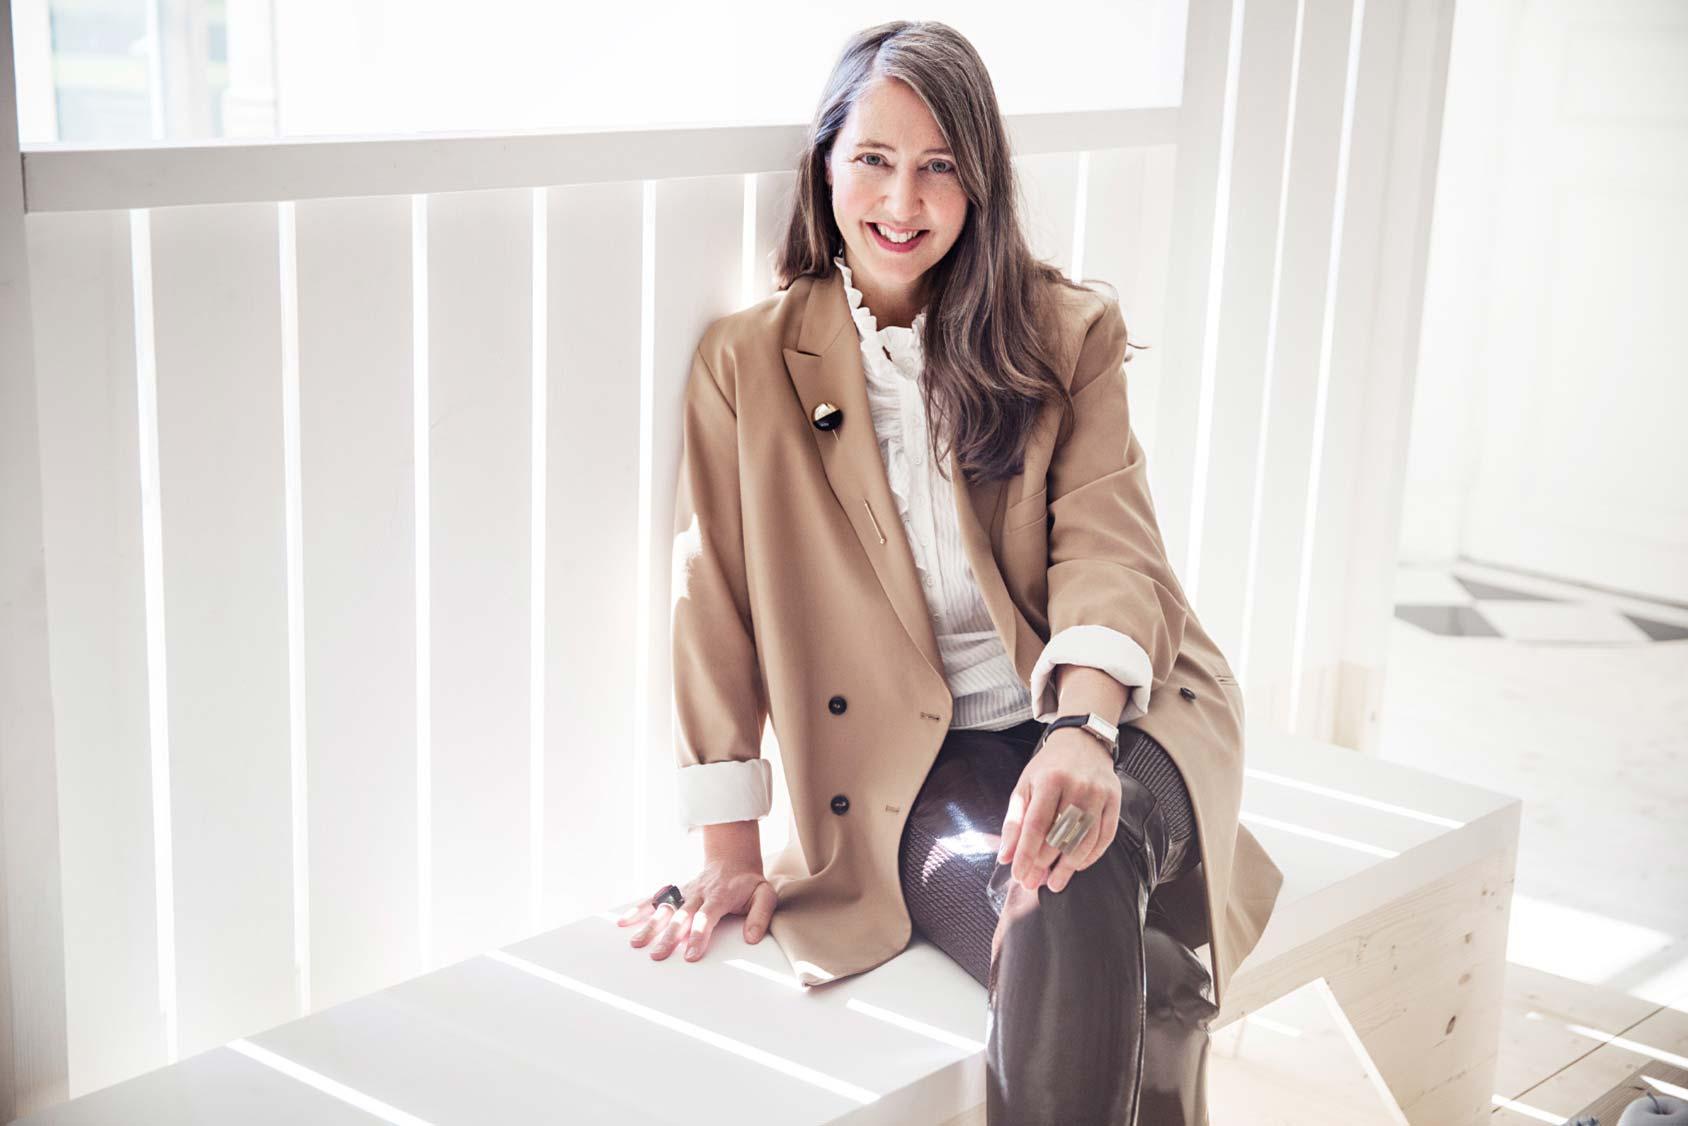 H&M Creative advisor Ann-Sofie Johansson, Studio Emma Svensson